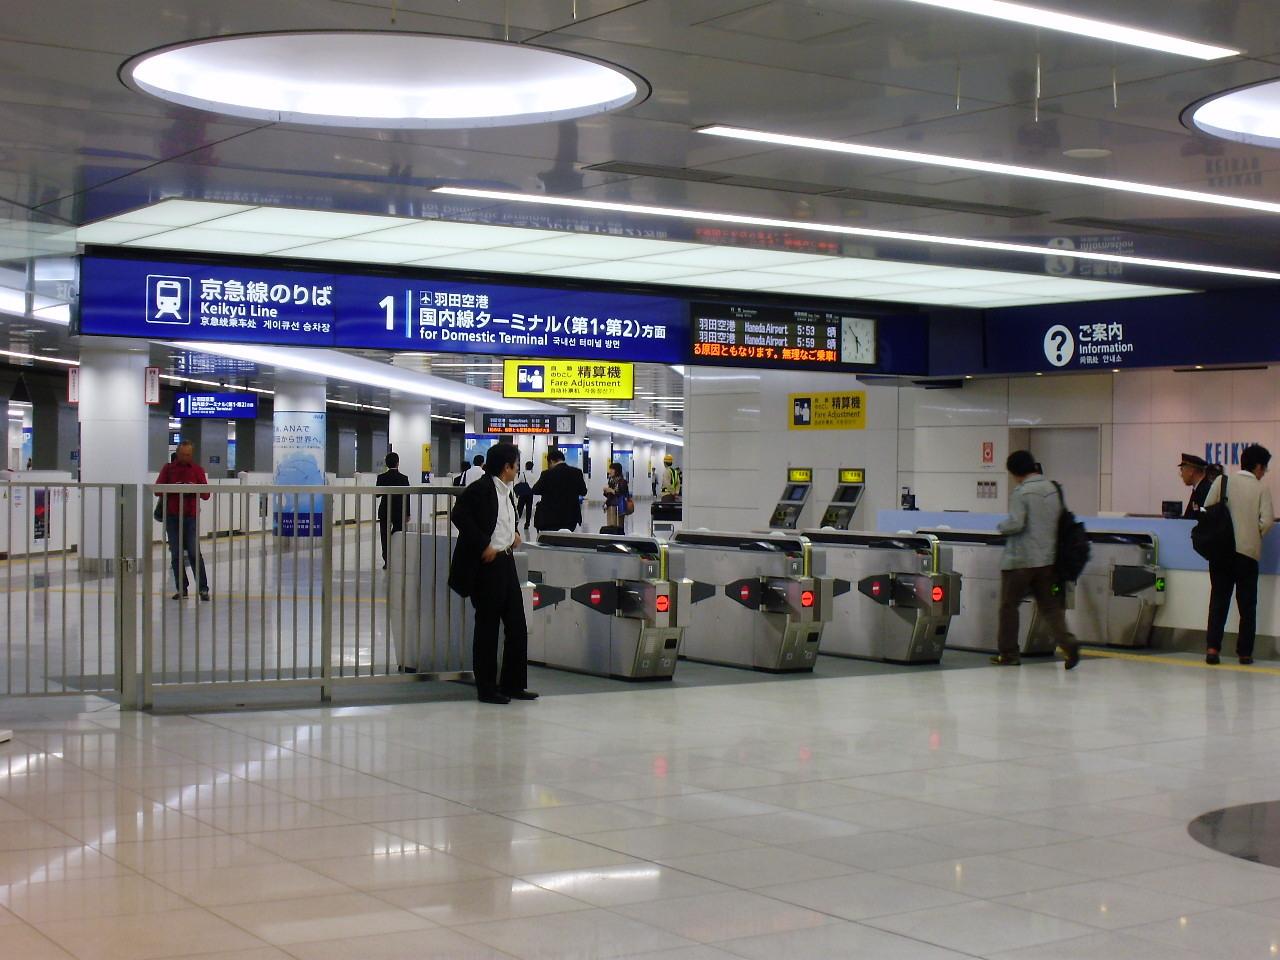 国内線 羽田 ターミナル 空港